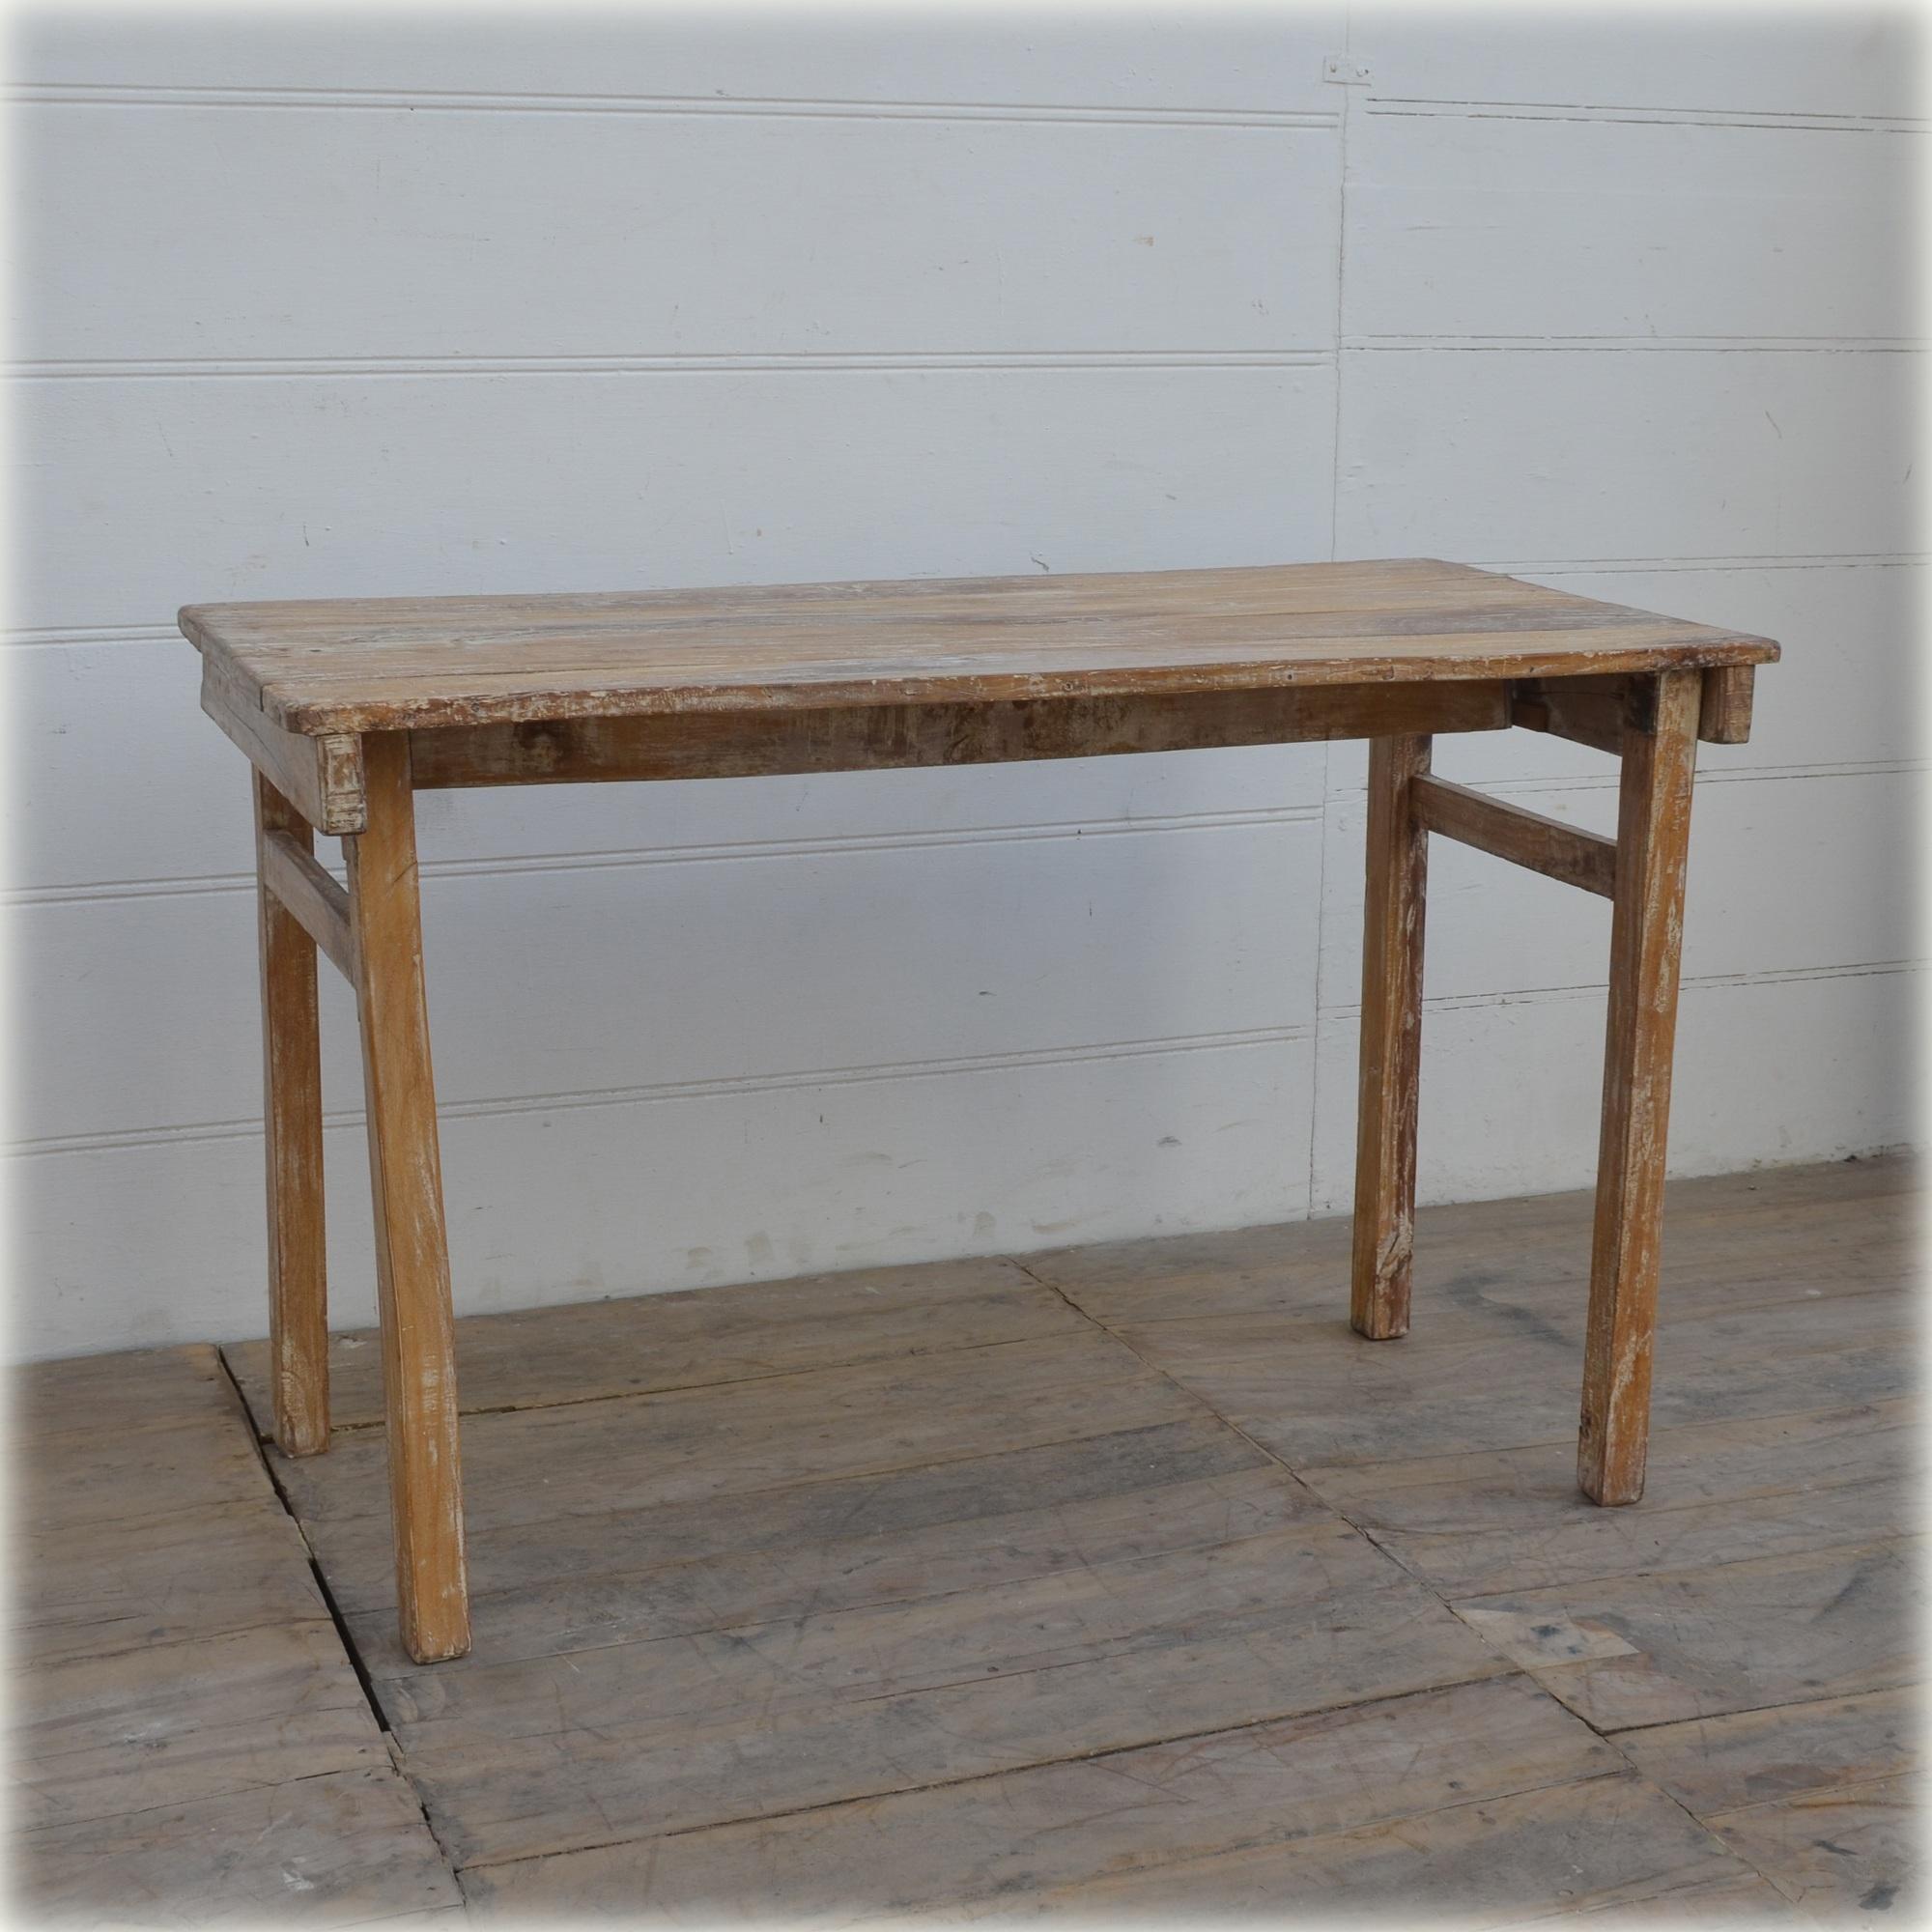 SIV2020-064 (4) folding table